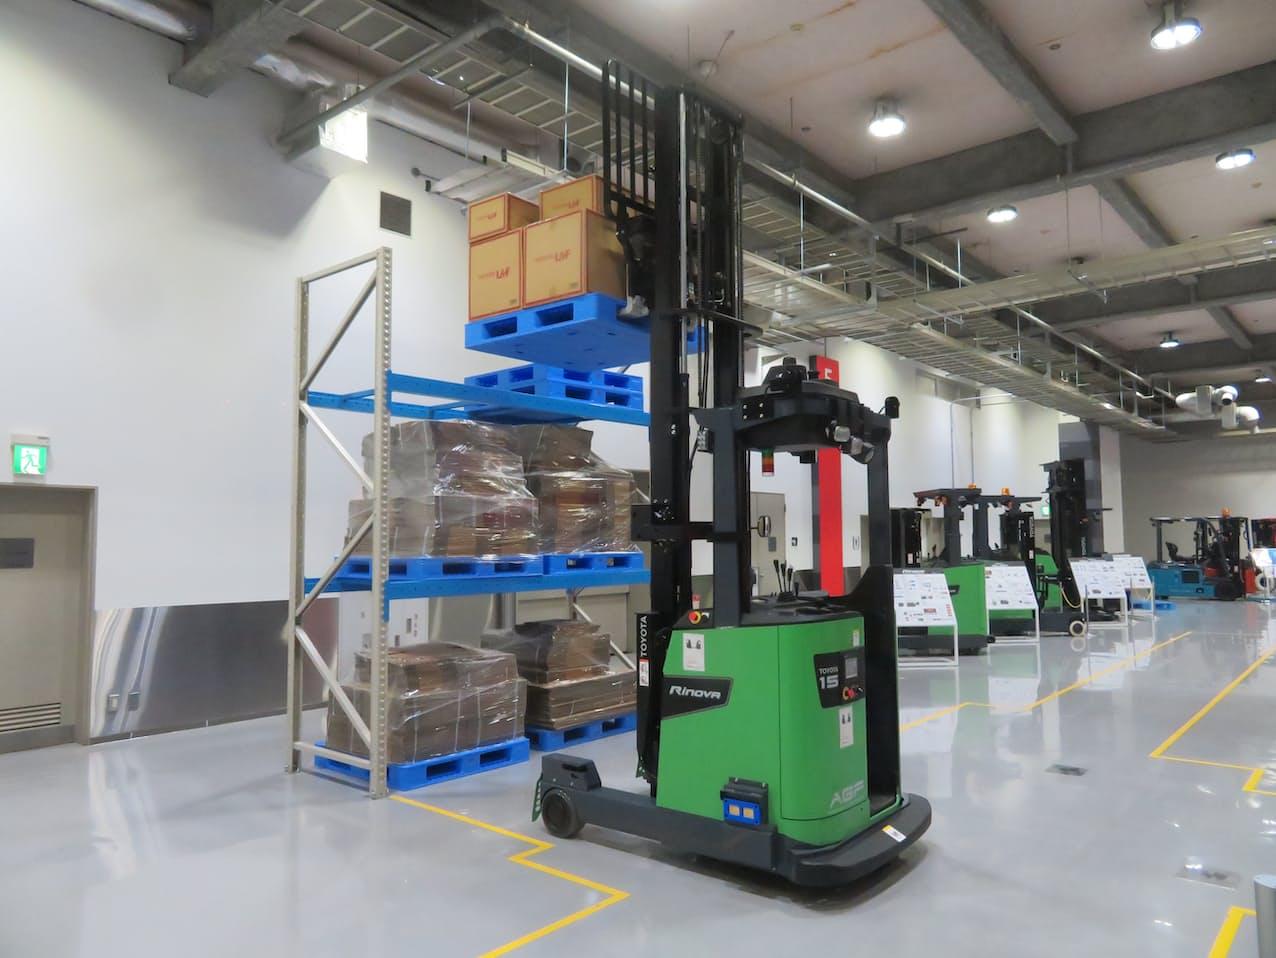 豊田自動織機は新型自動運転フォークリフトを発売するなど、倉庫の自動化を加速する